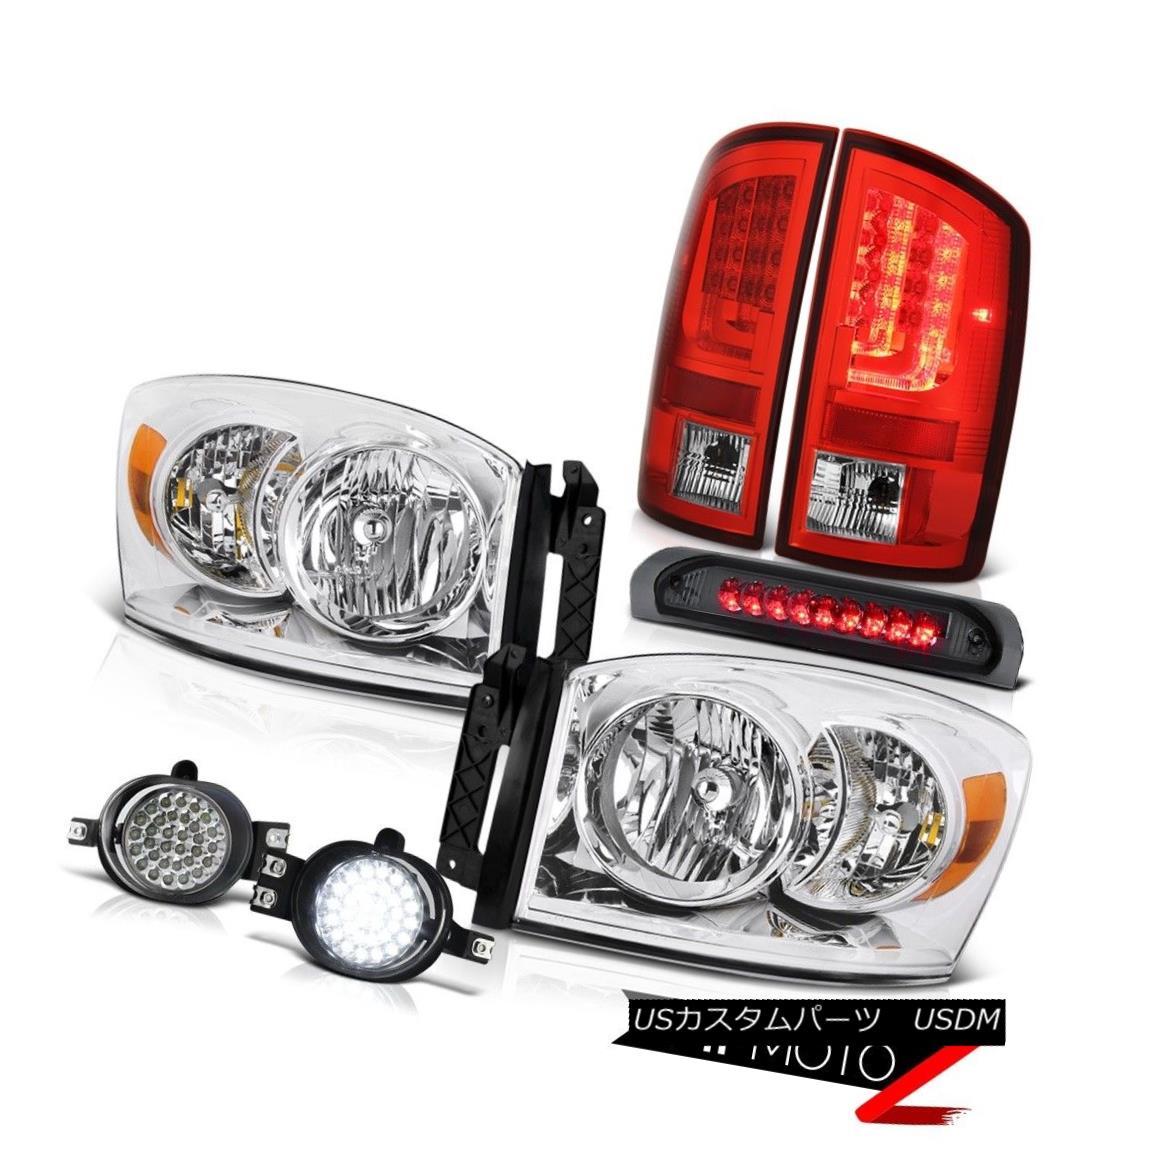 テールライト 07-08 Dodge Ram 1500 WS Tail Lights Chrome Headlights Fog Lamps Roof Cab Lamp 07-08ダッジラム1500 WSテールライトクロームヘッドライトフォグランプルーフキャブランプ